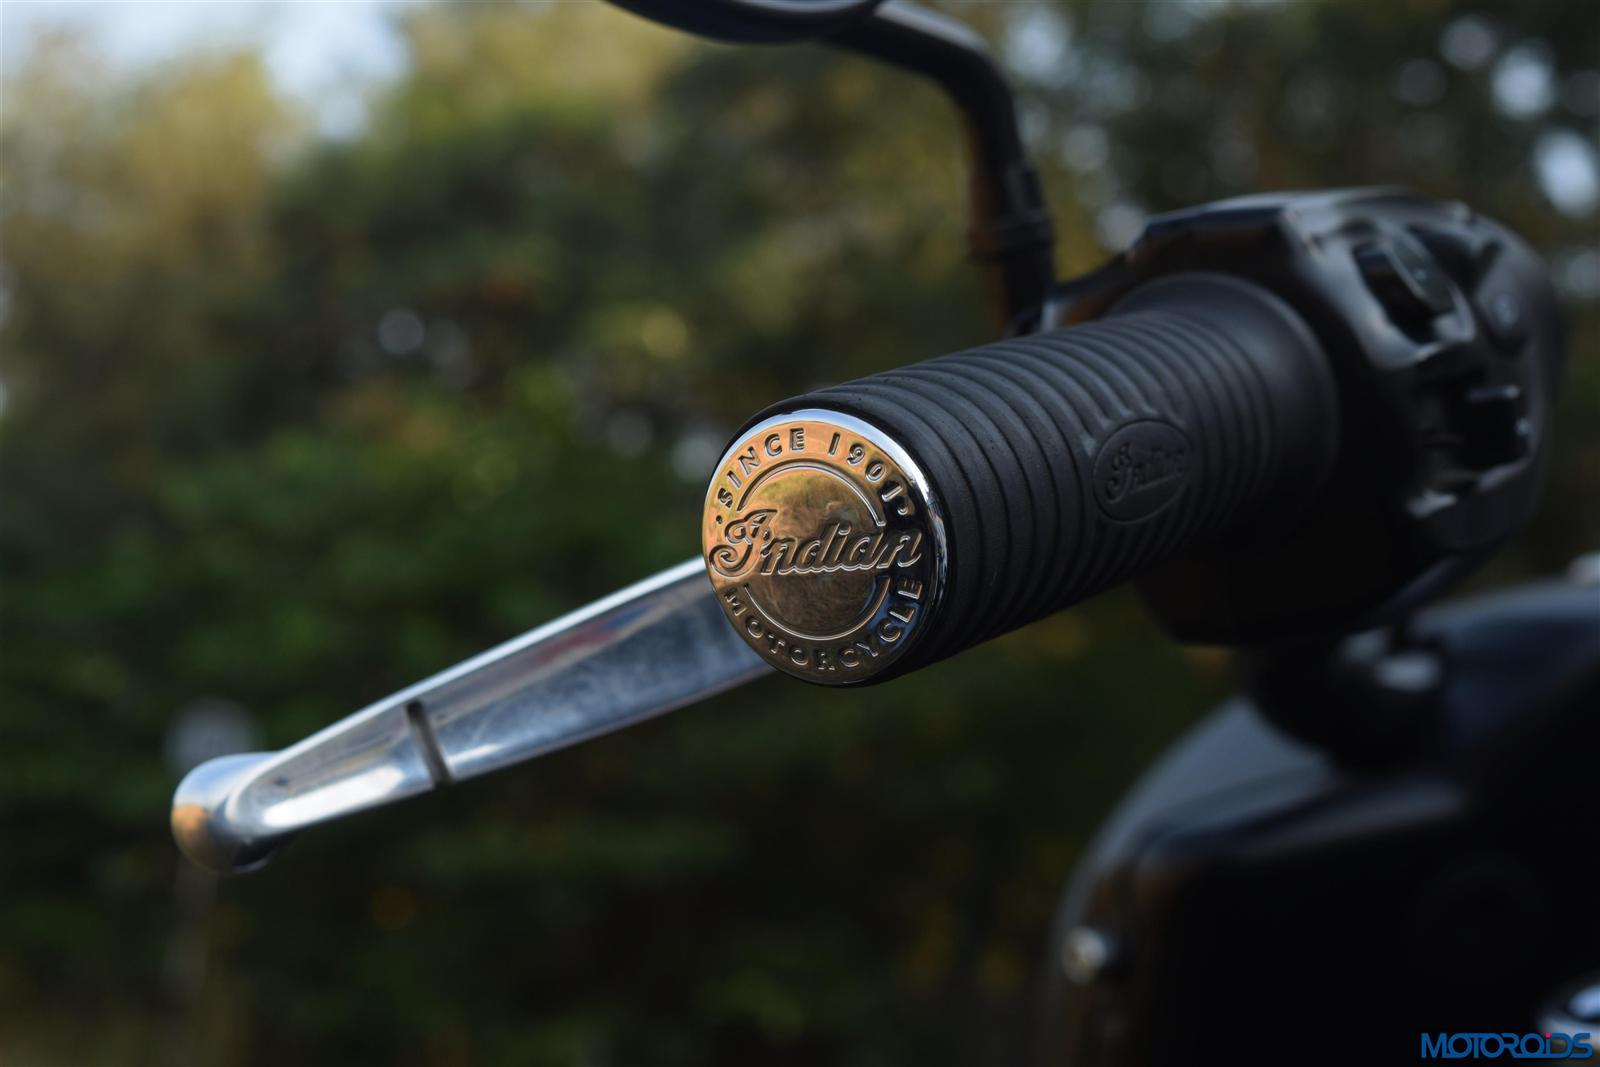 Indian Dark Horse handle grips